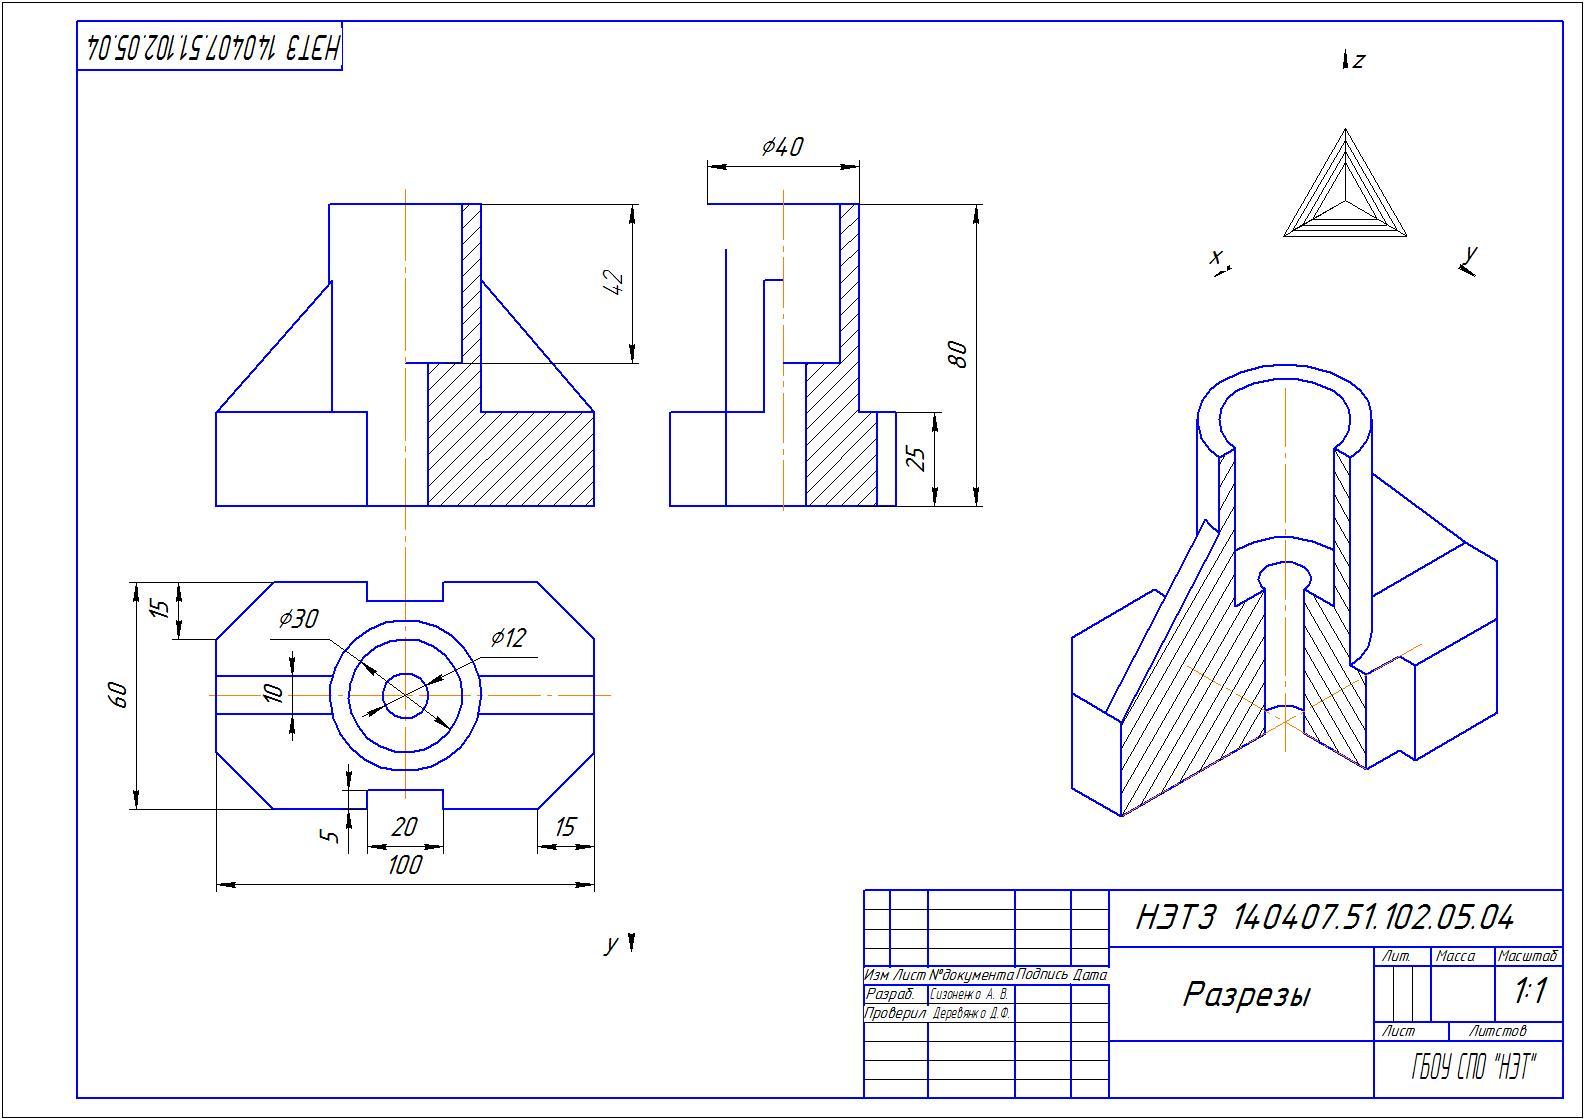 Контрольная работа инженерная графика 1 курс 7735